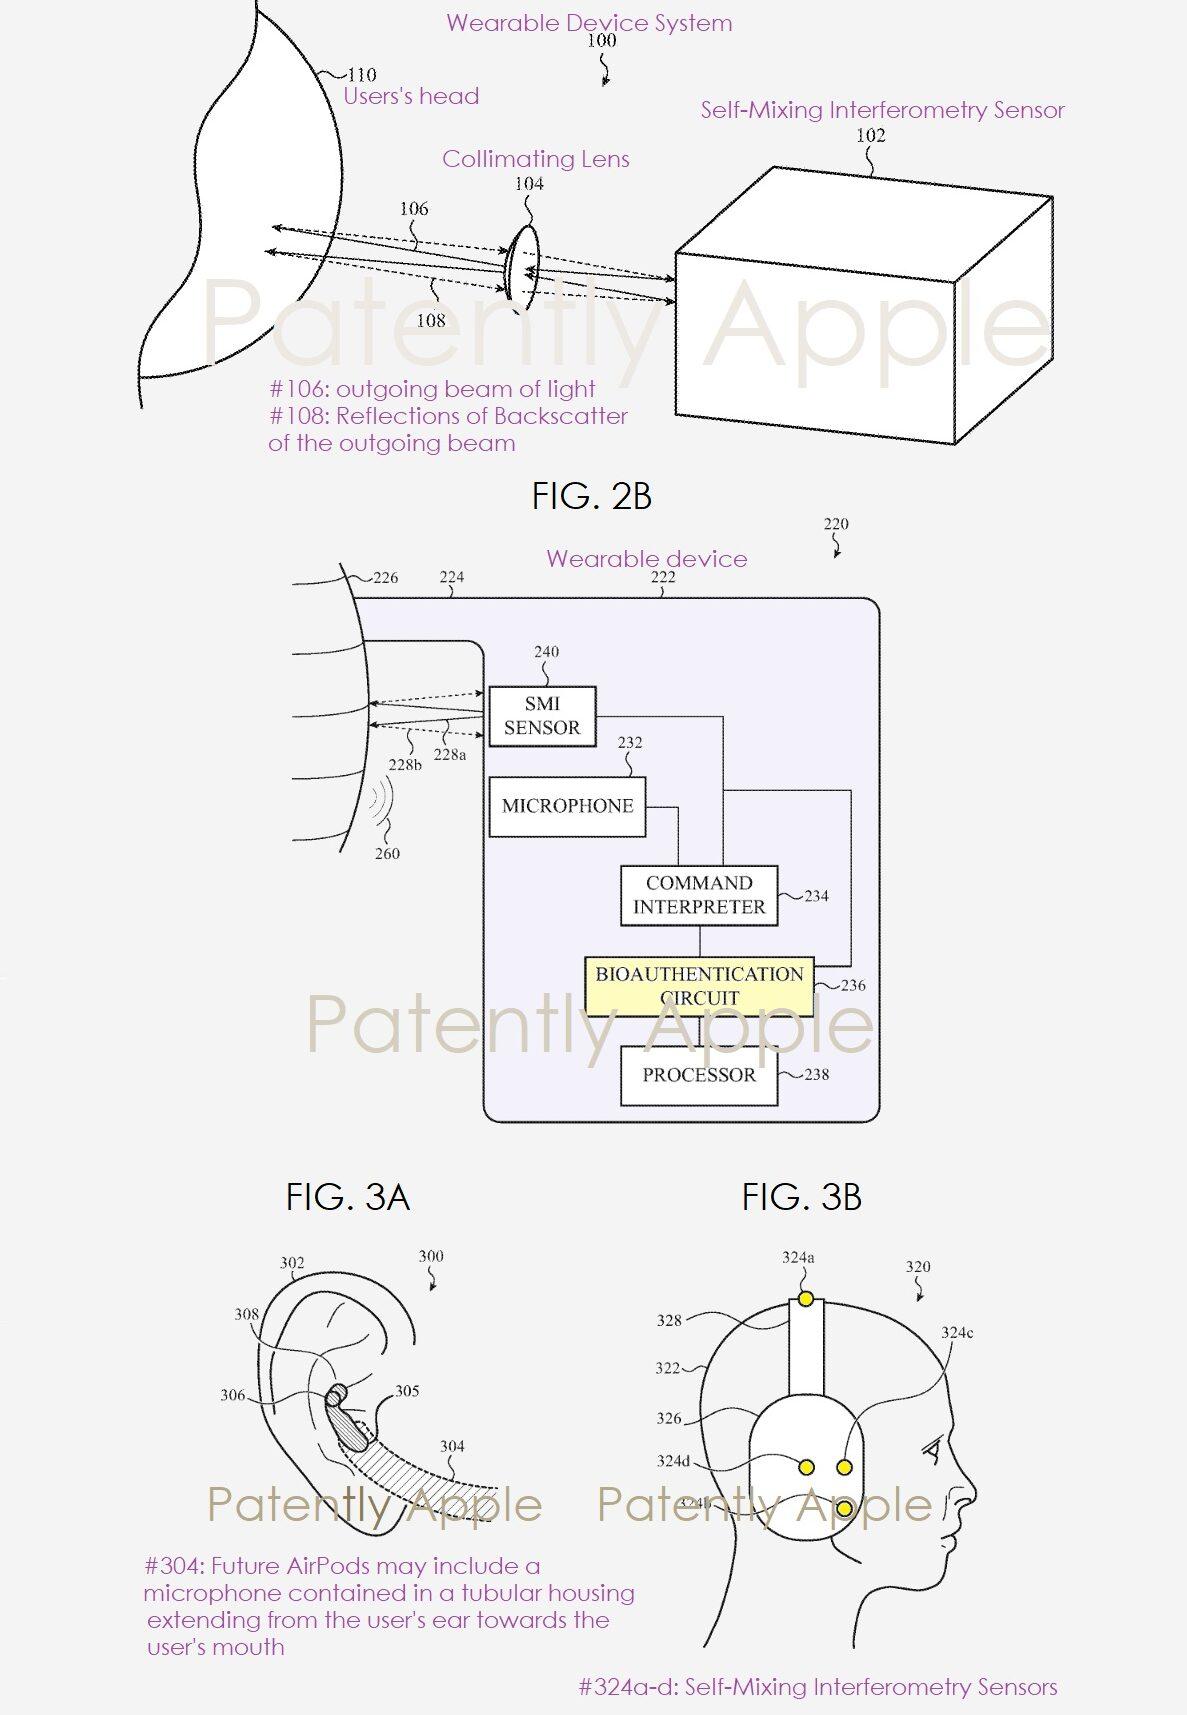 Apple ha brevettato sensori per la bioautenticazione da sfruttare su AirPods, cuffie e dispositivi AR/VR